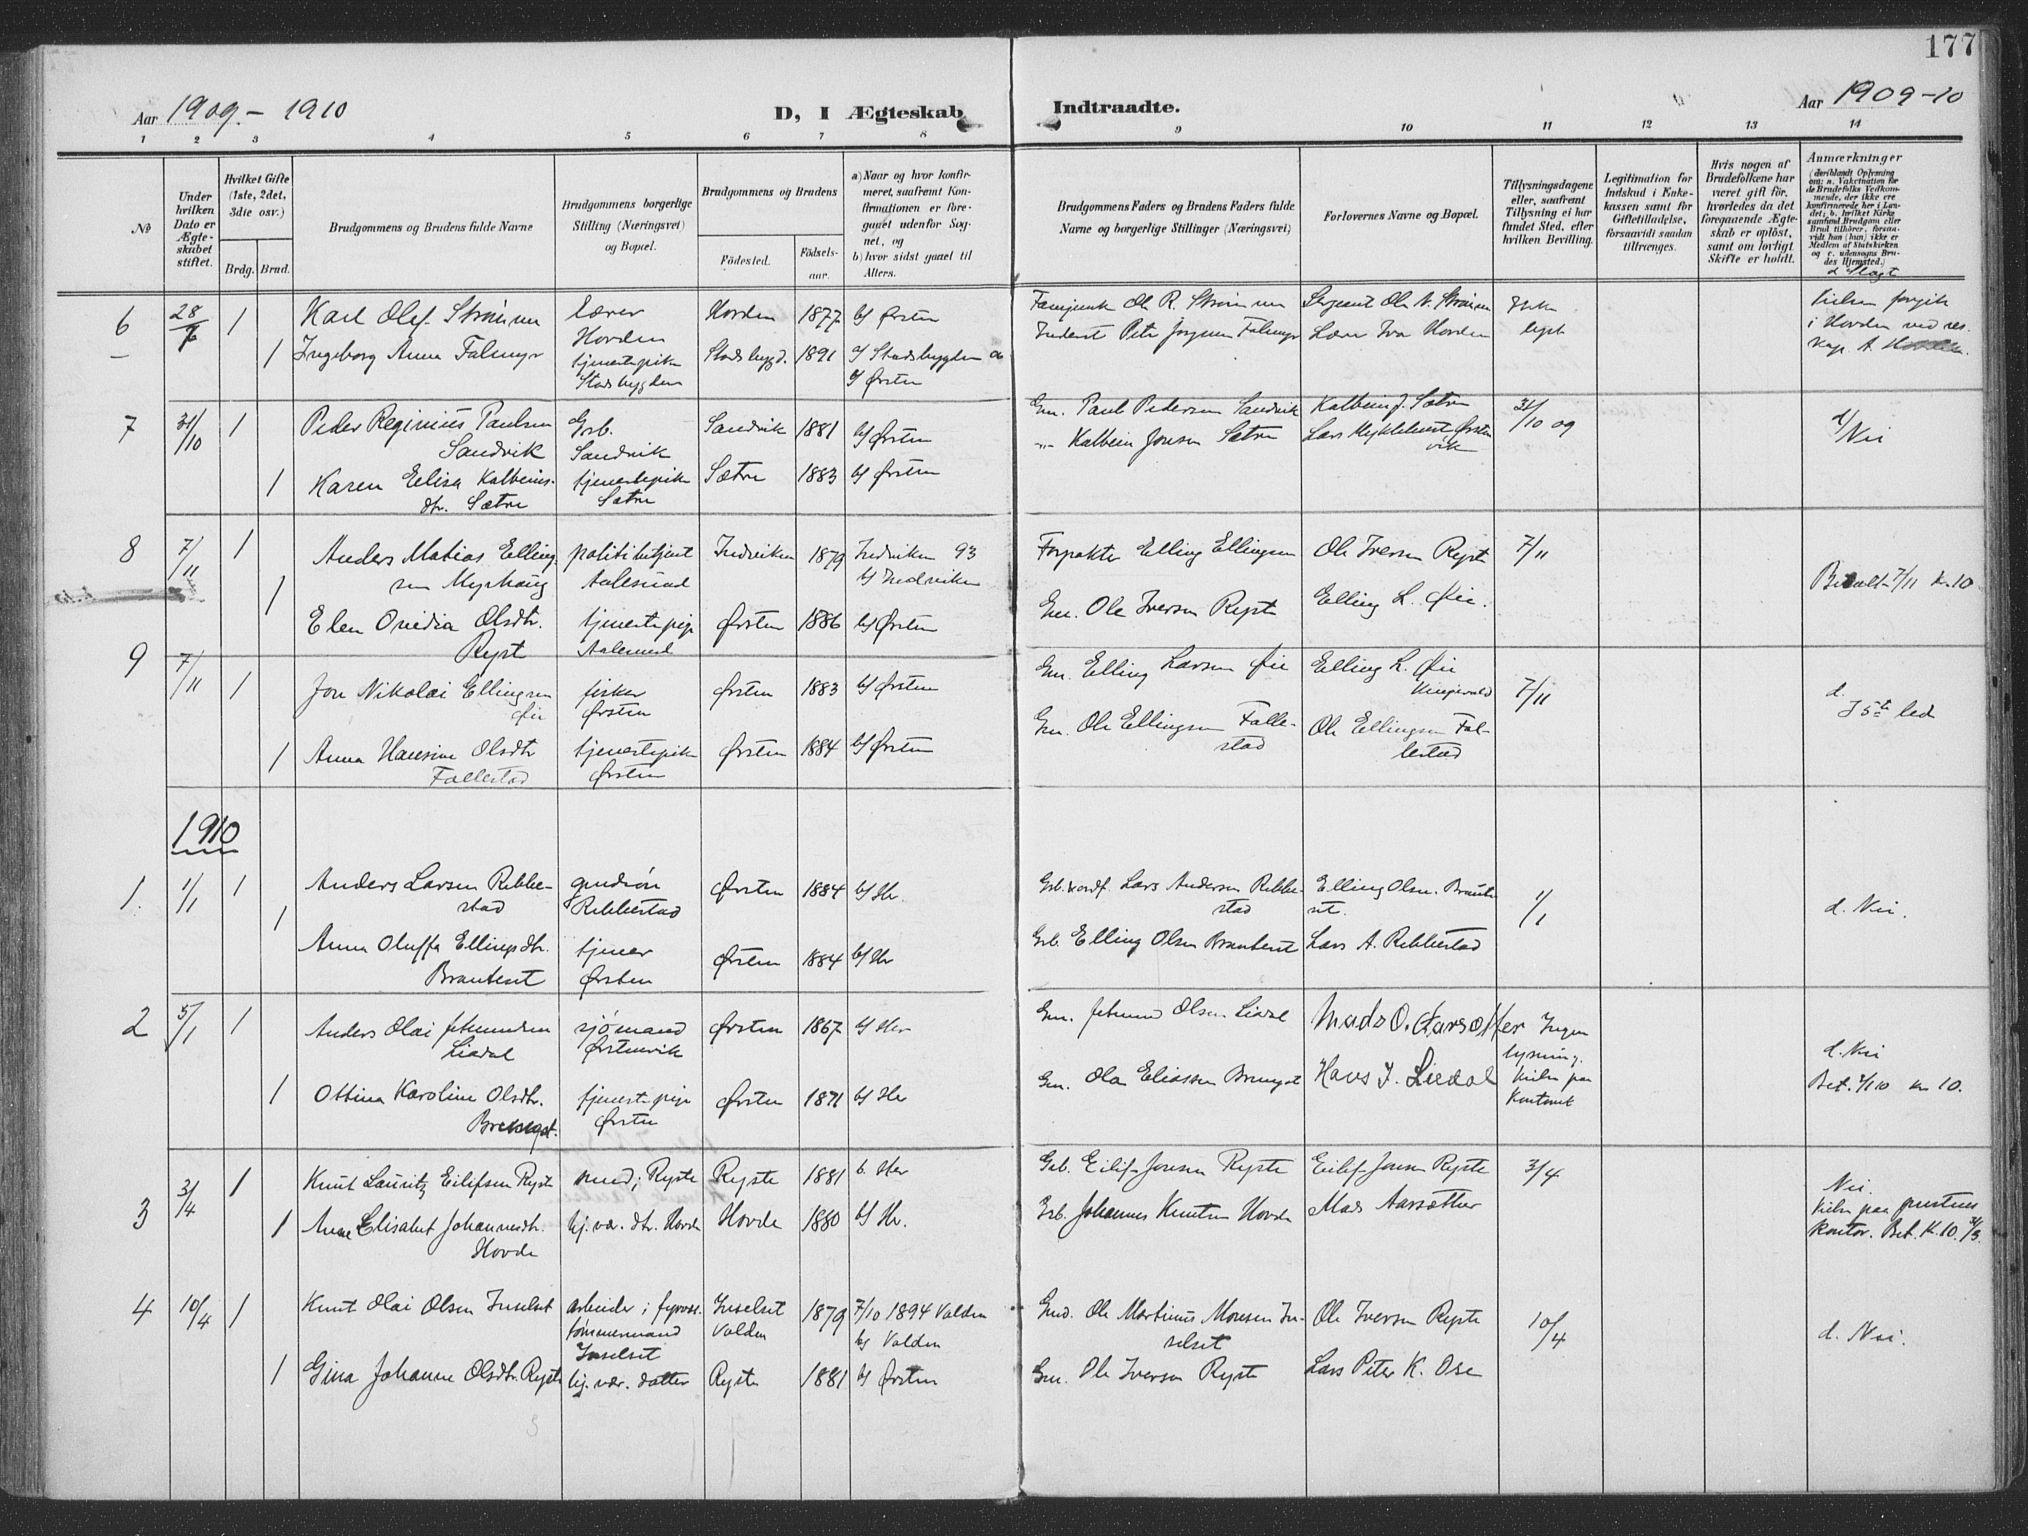 SAT, Ministerialprotokoller, klokkerbøker og fødselsregistre - Møre og Romsdal, 513/L0178: Ministerialbok nr. 513A05, 1906-1919, s. 177